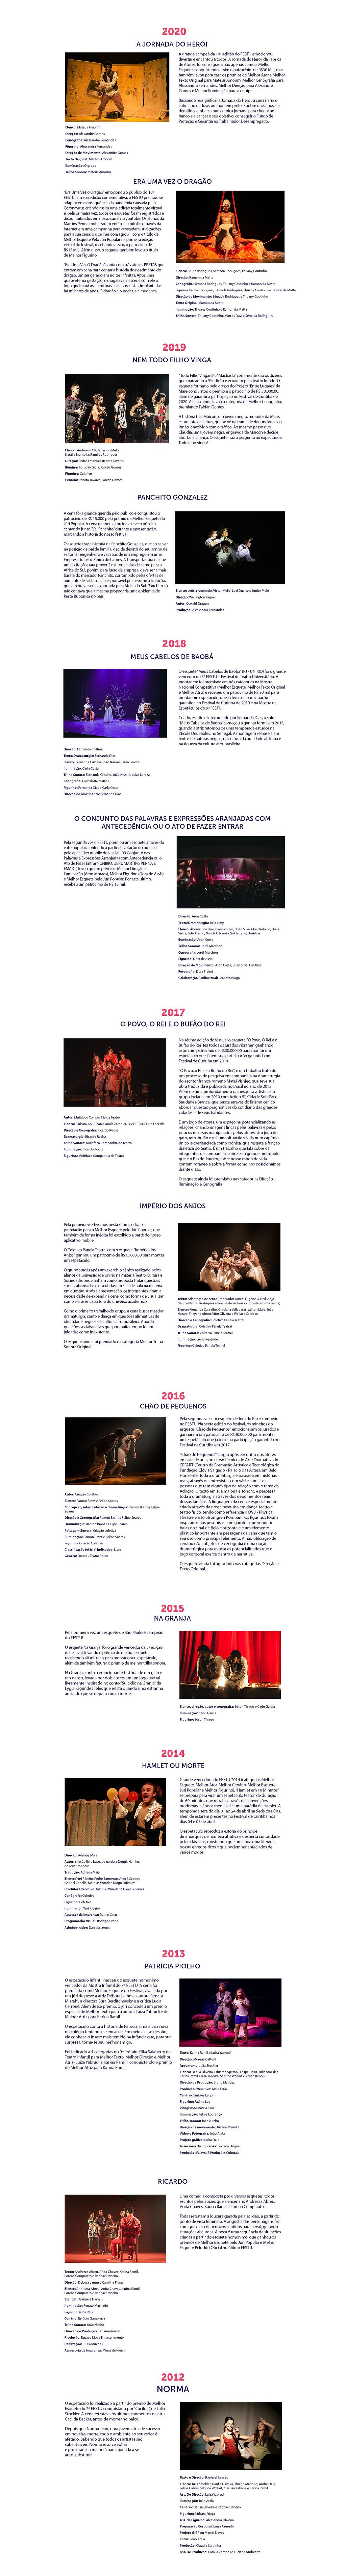 23-SITEFESTU-PATROCINADO-2020-01 (1).jpg